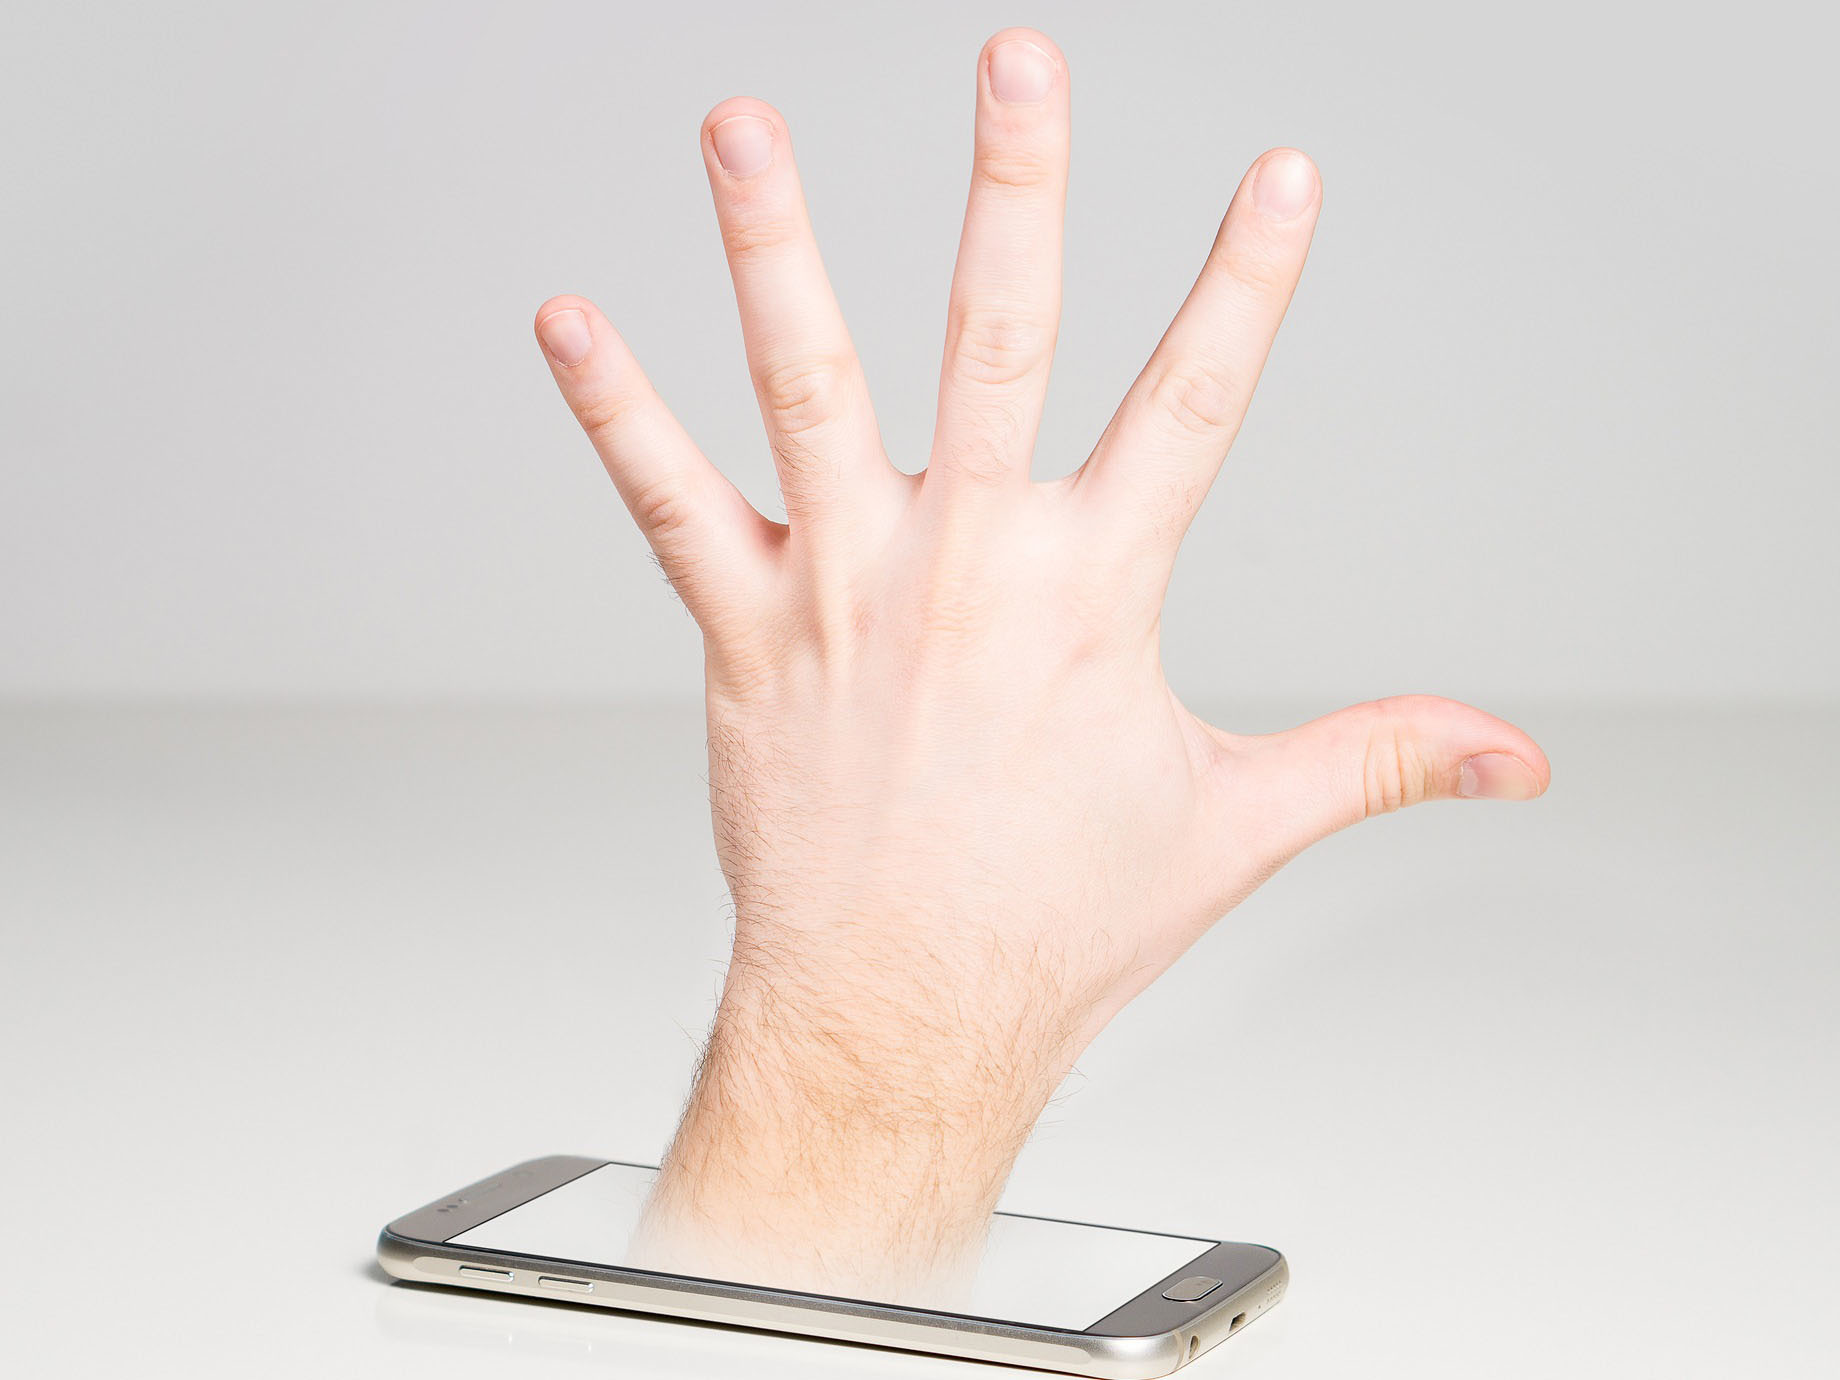 你身旁也有手機重度成癮者?源自芬蘭的專屬「對話坑」,打造眾人互動空間